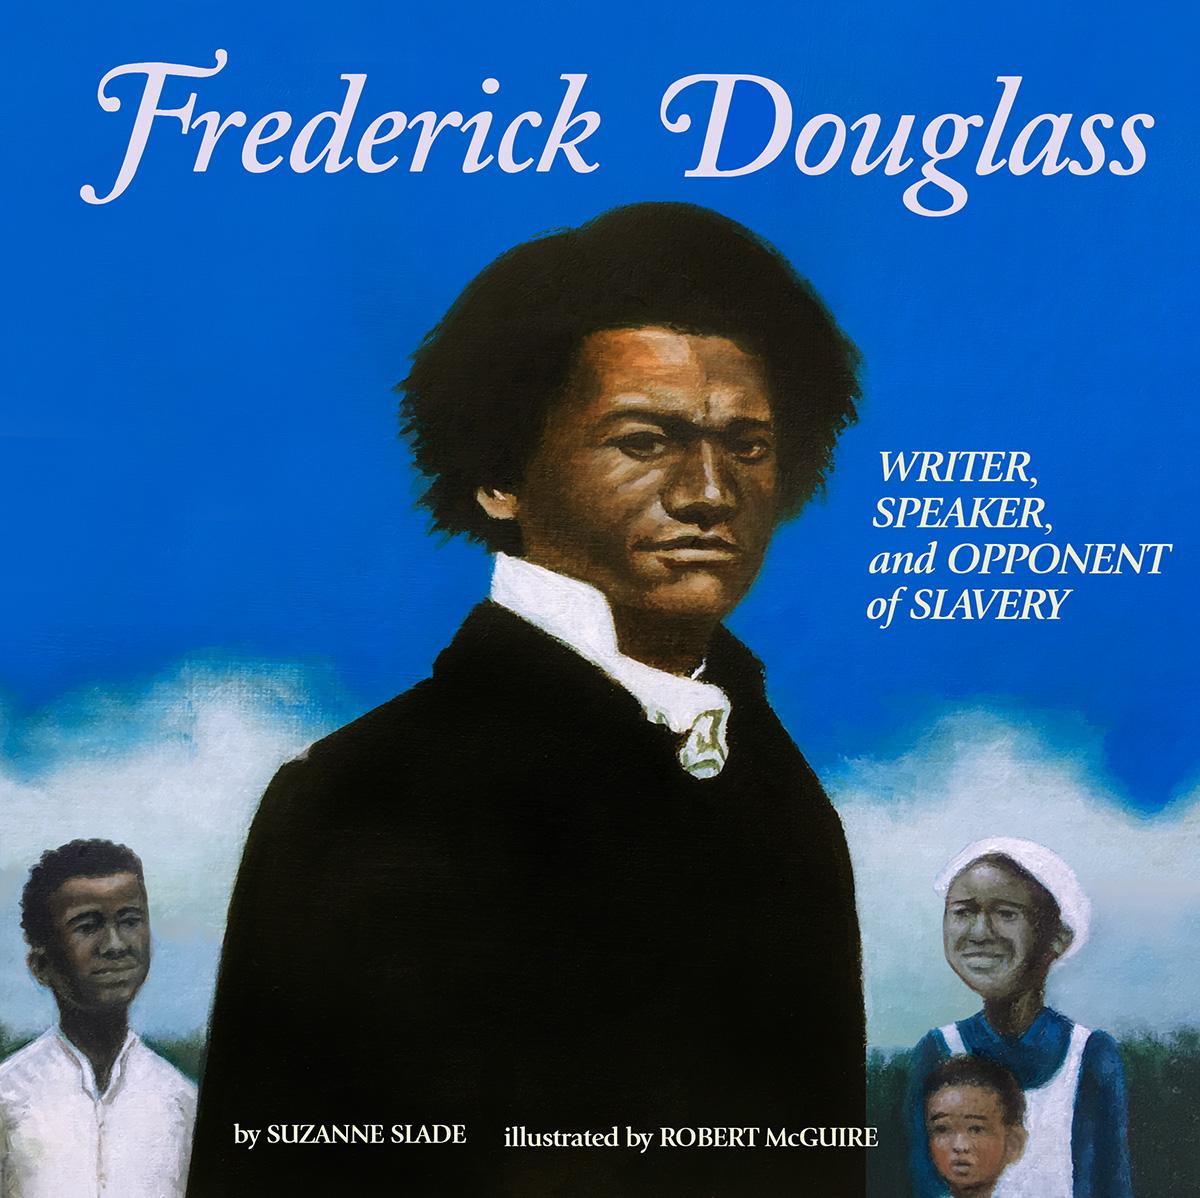 Frederick Douglass: Writer, Speaker, and Opponent of Slavery